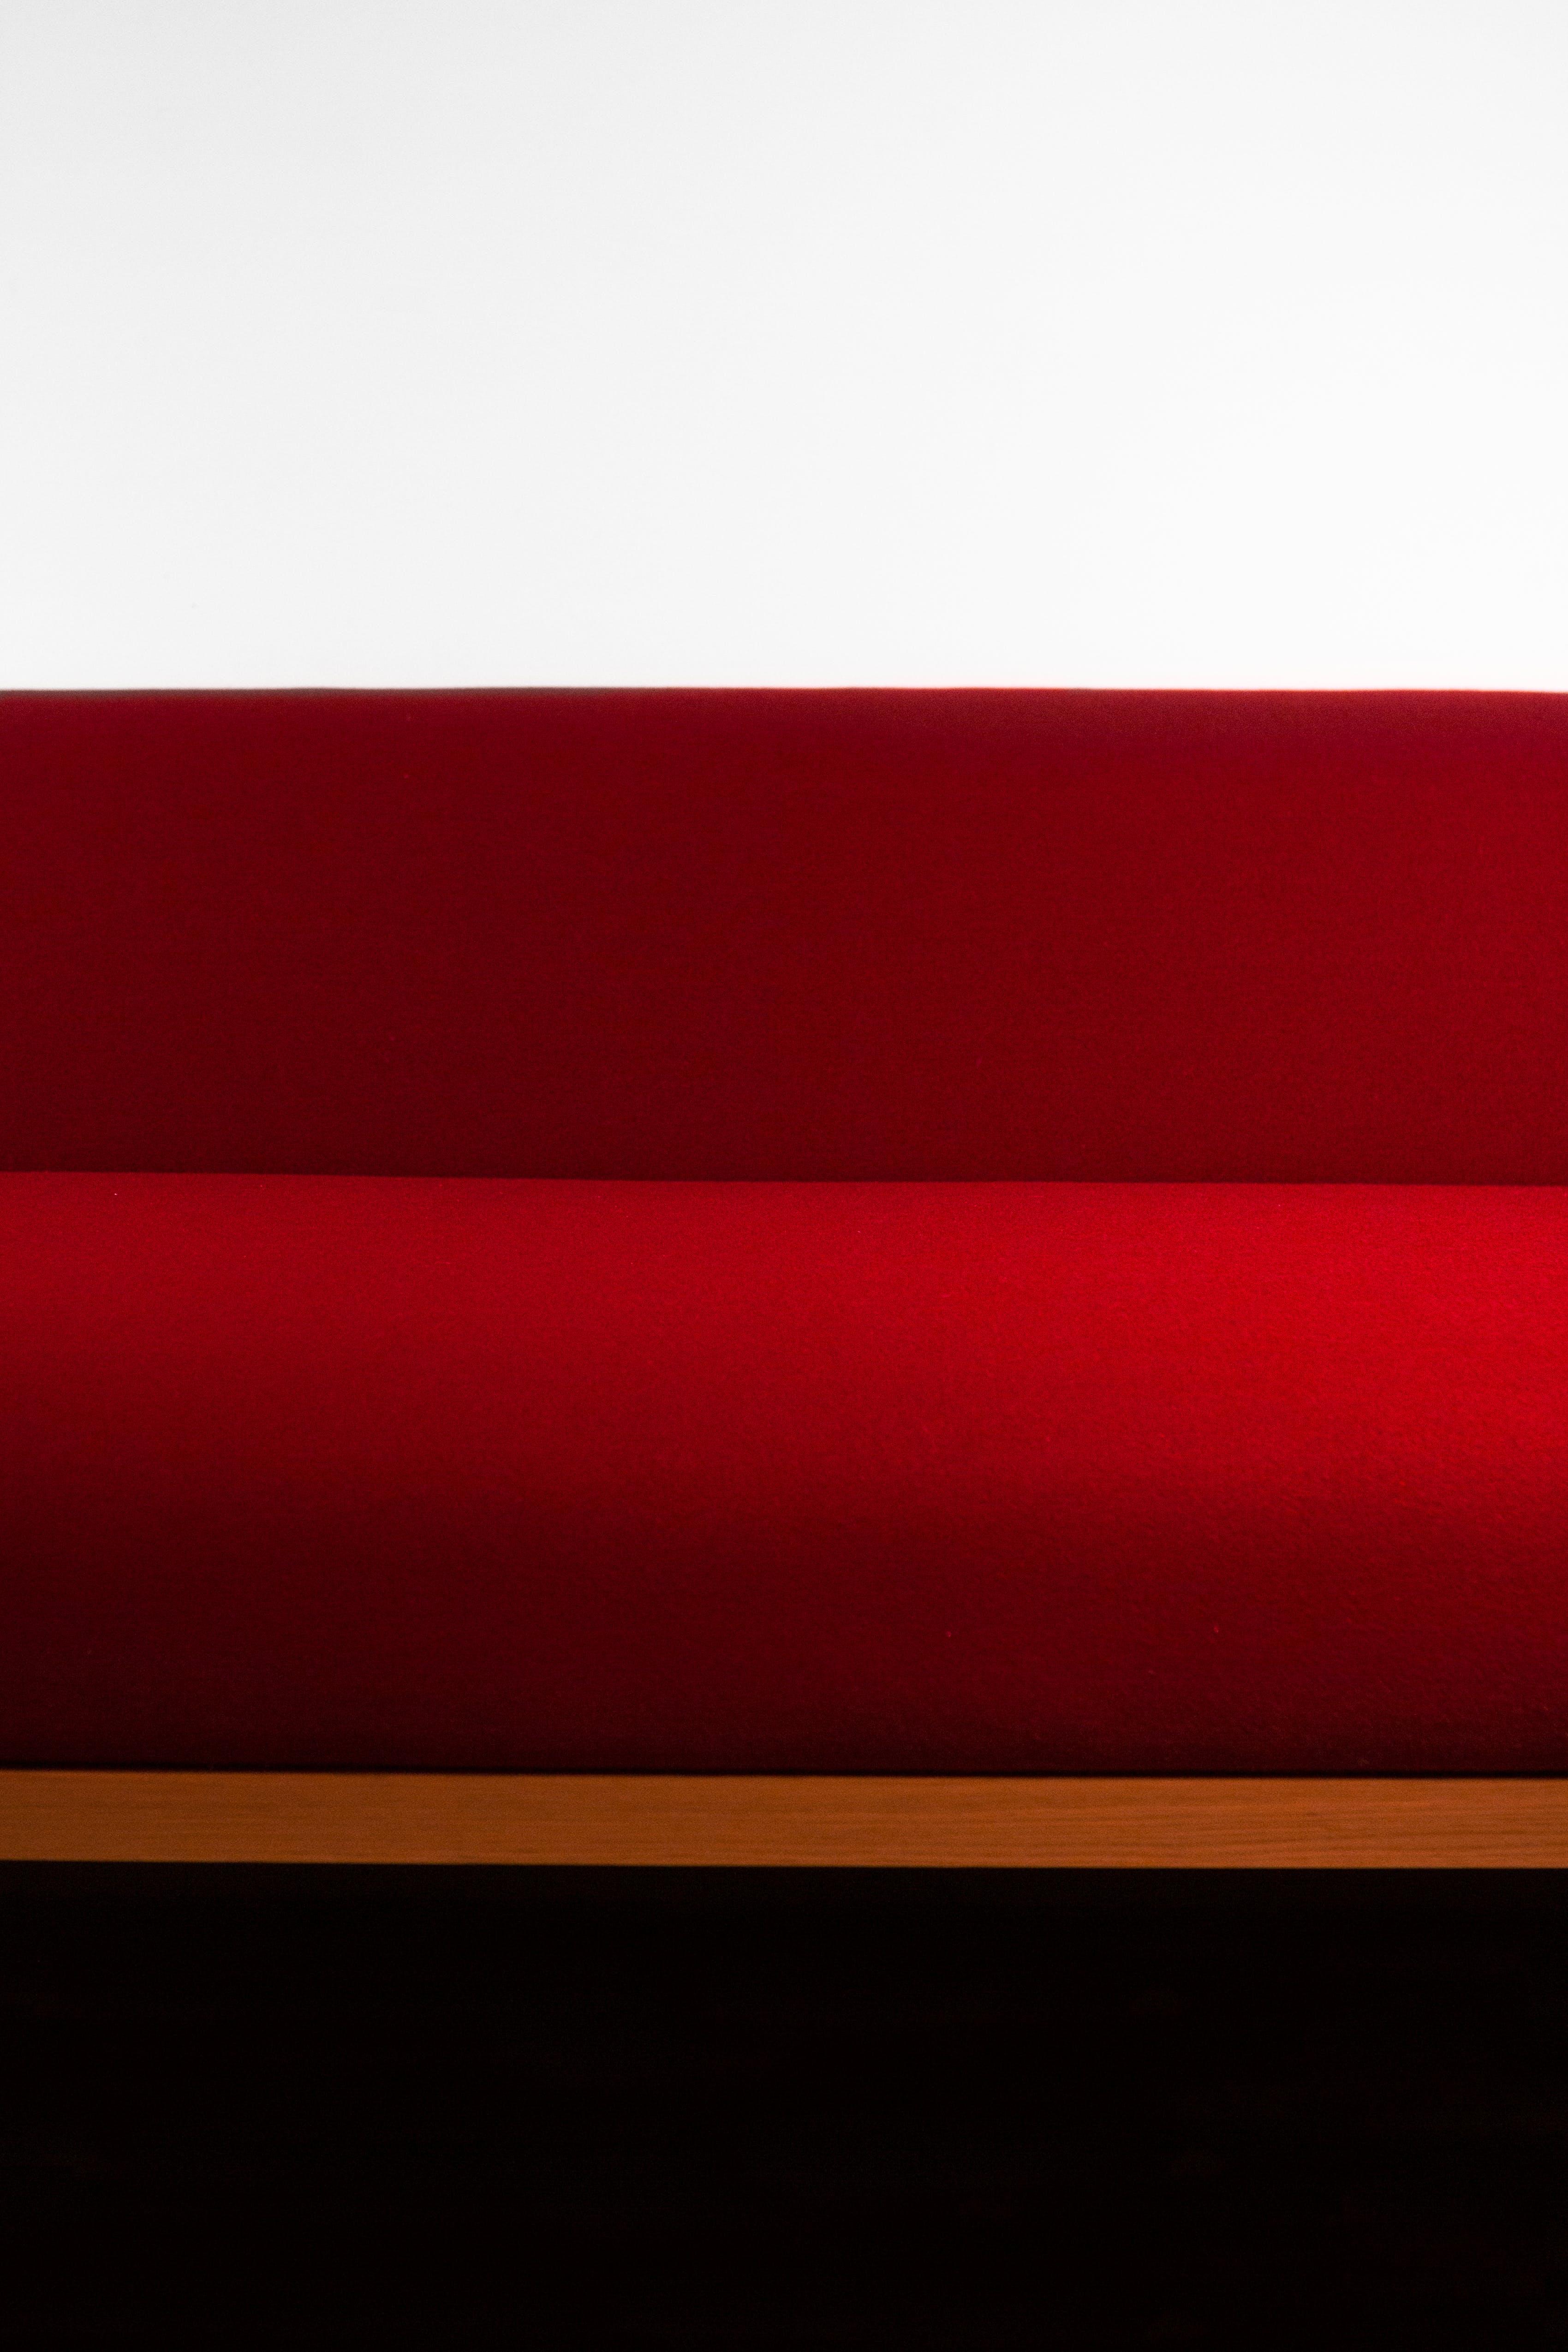 그림, 디자인, 빨간, 예술의 무료 스톡 사진